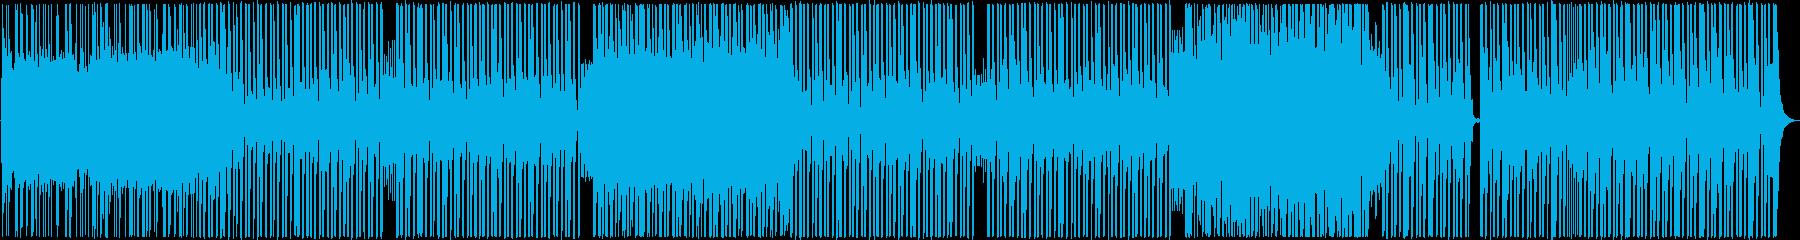 バックグラウンド。繰り返します。エ...の再生済みの波形